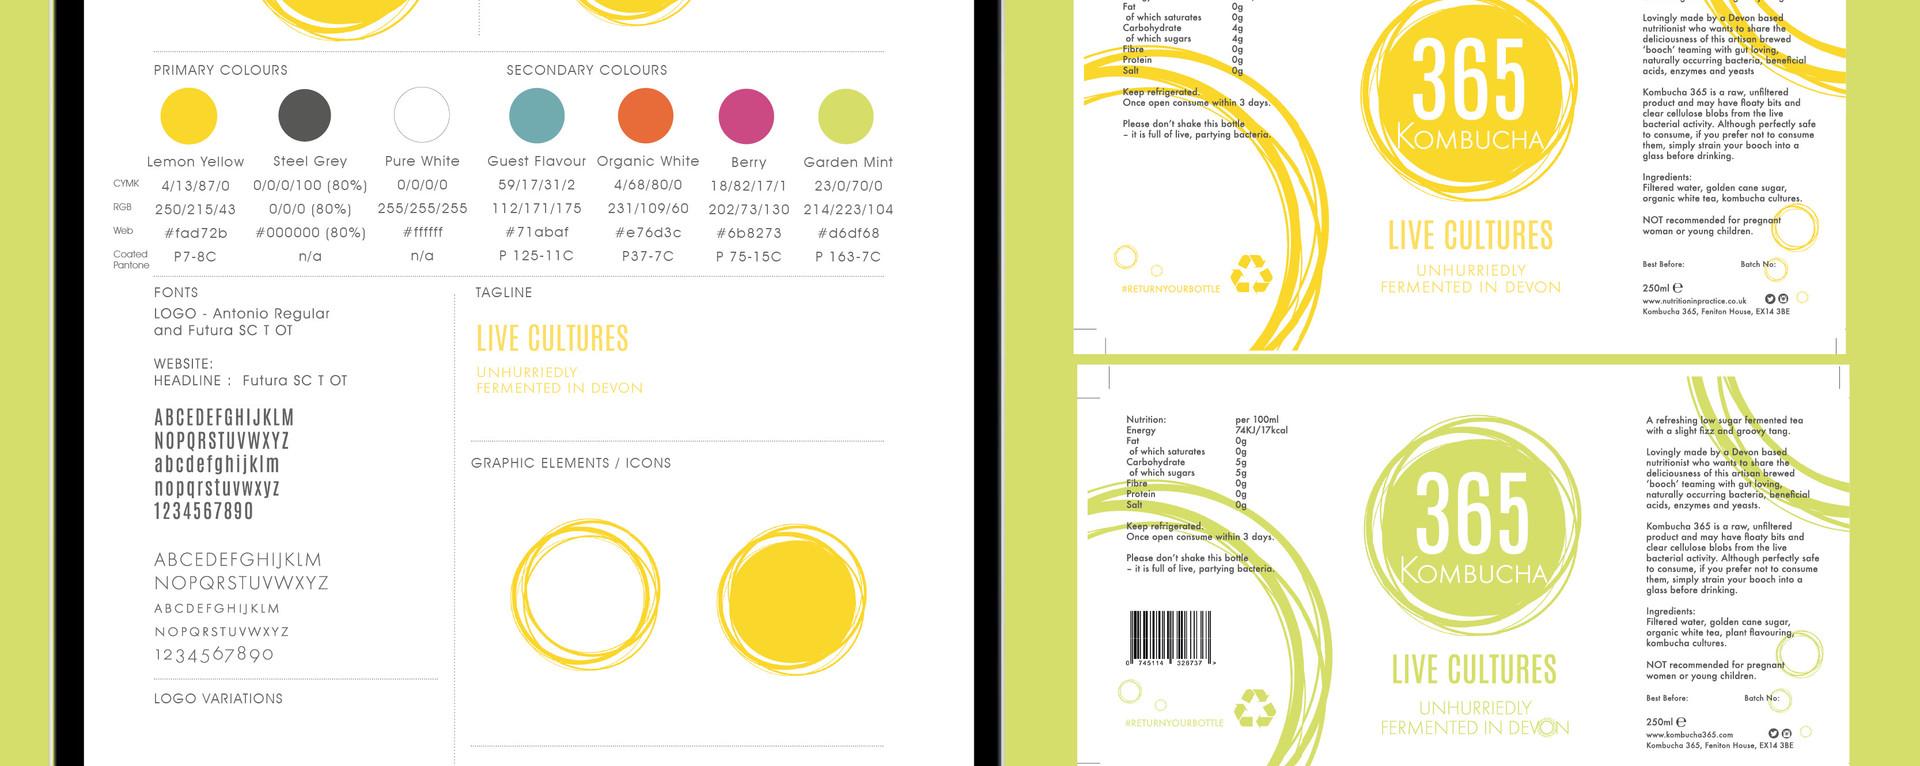 NEW BRAND DESIGN | KOMBUCHA